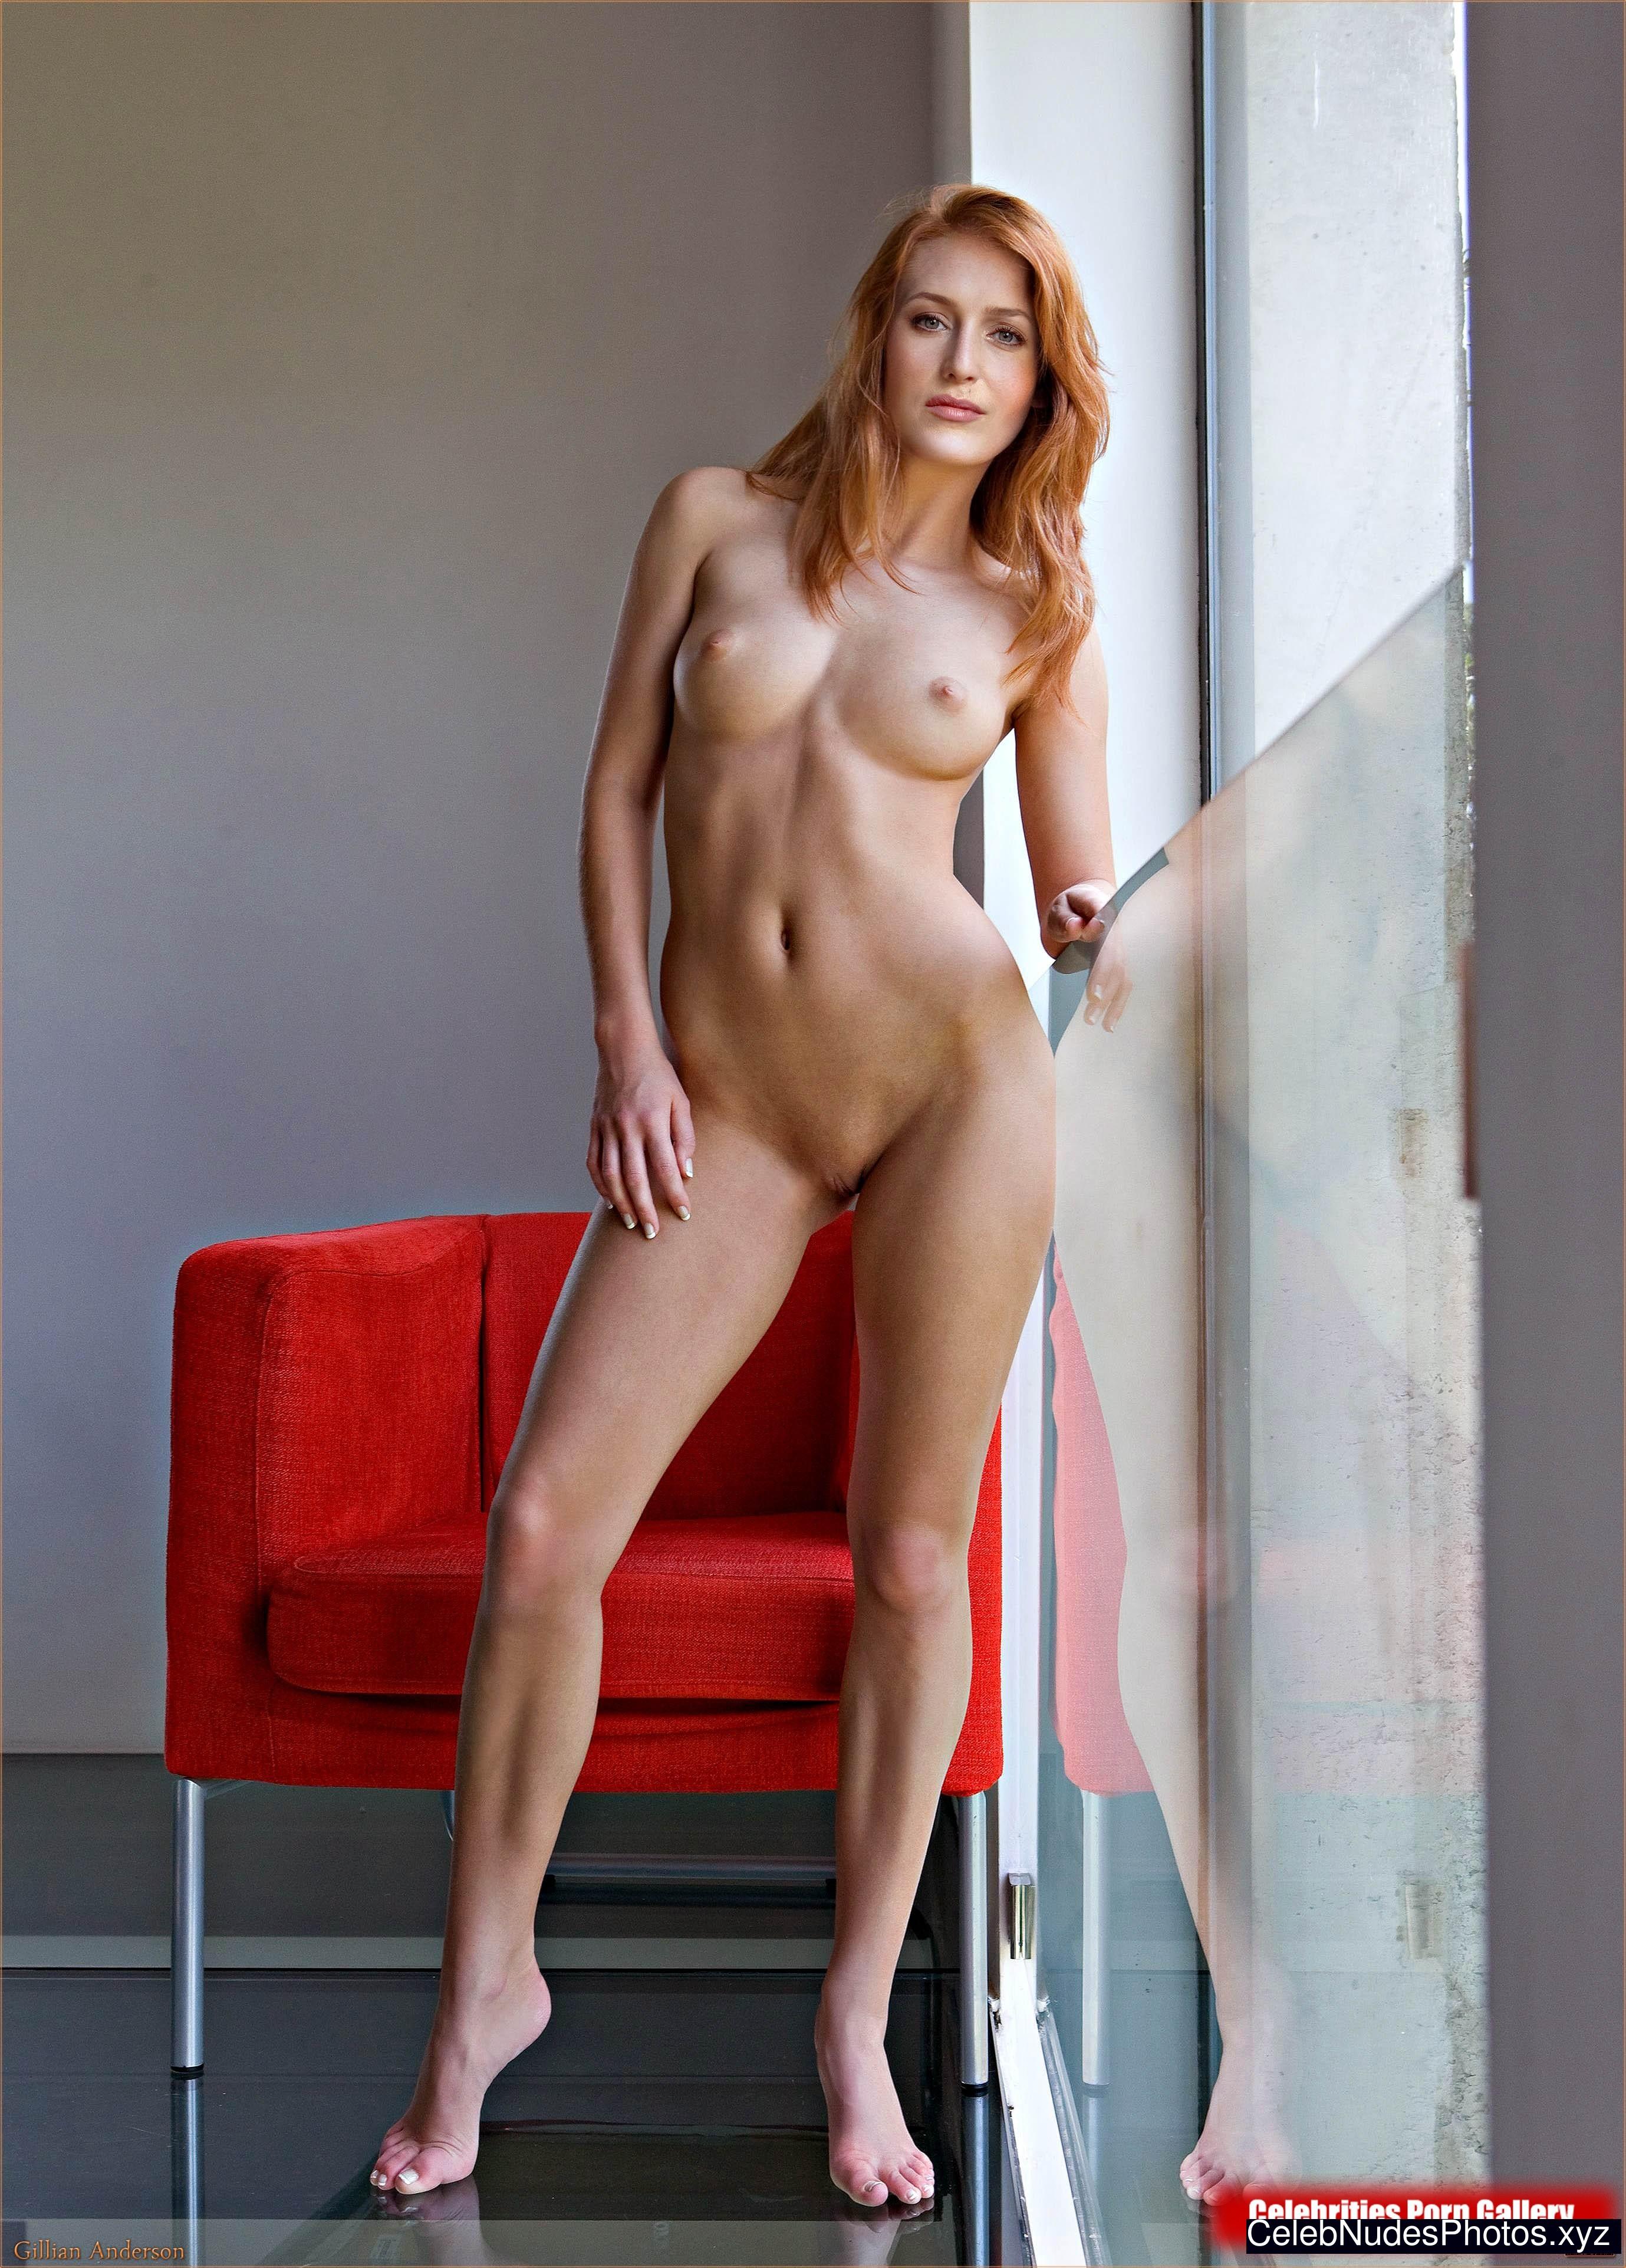 Anderson Gillian Nue gillian anderson playboy pics - megapornx